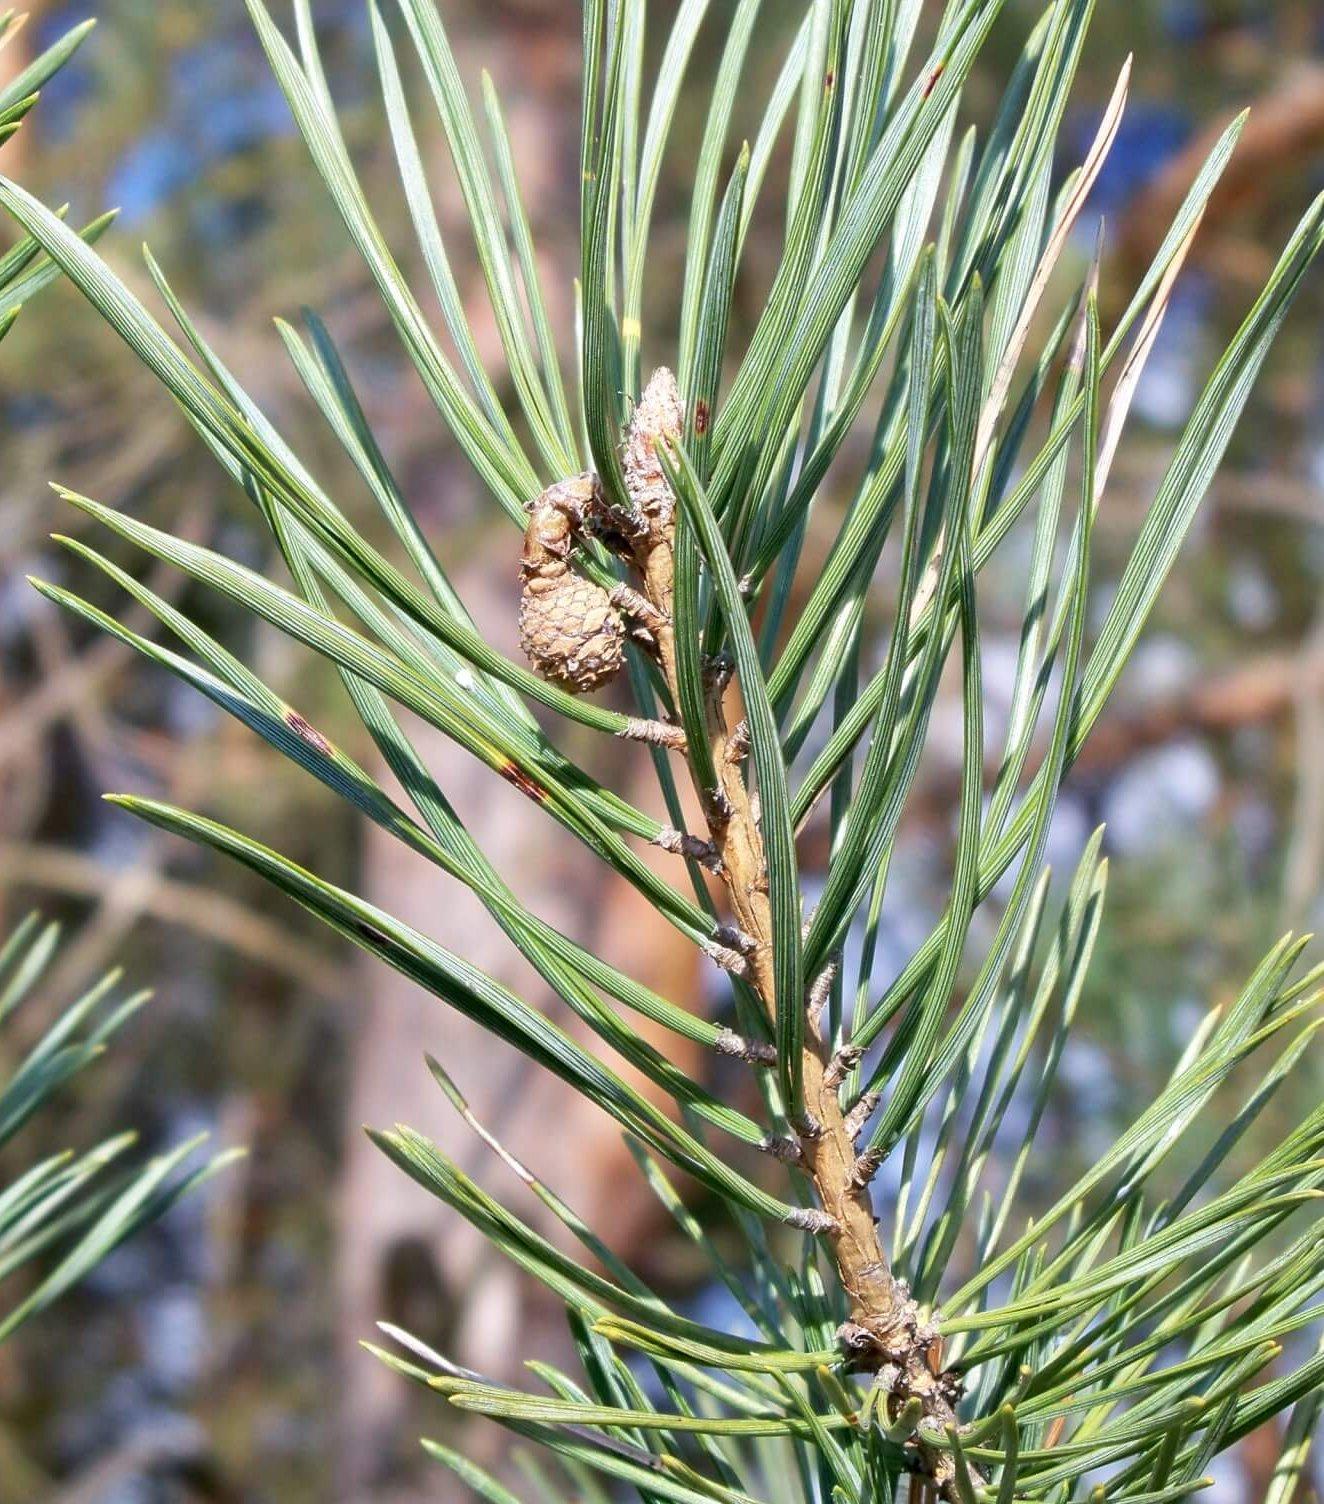 Das Bild zeigt einen kleinen, fast einjährigen Kiefernzapfen im Februar. Er wurde im Mai des Vorjahres bestäubt, wobei die Samenanlagen erst bis in das kommende Frühjahr befruchtet werden.